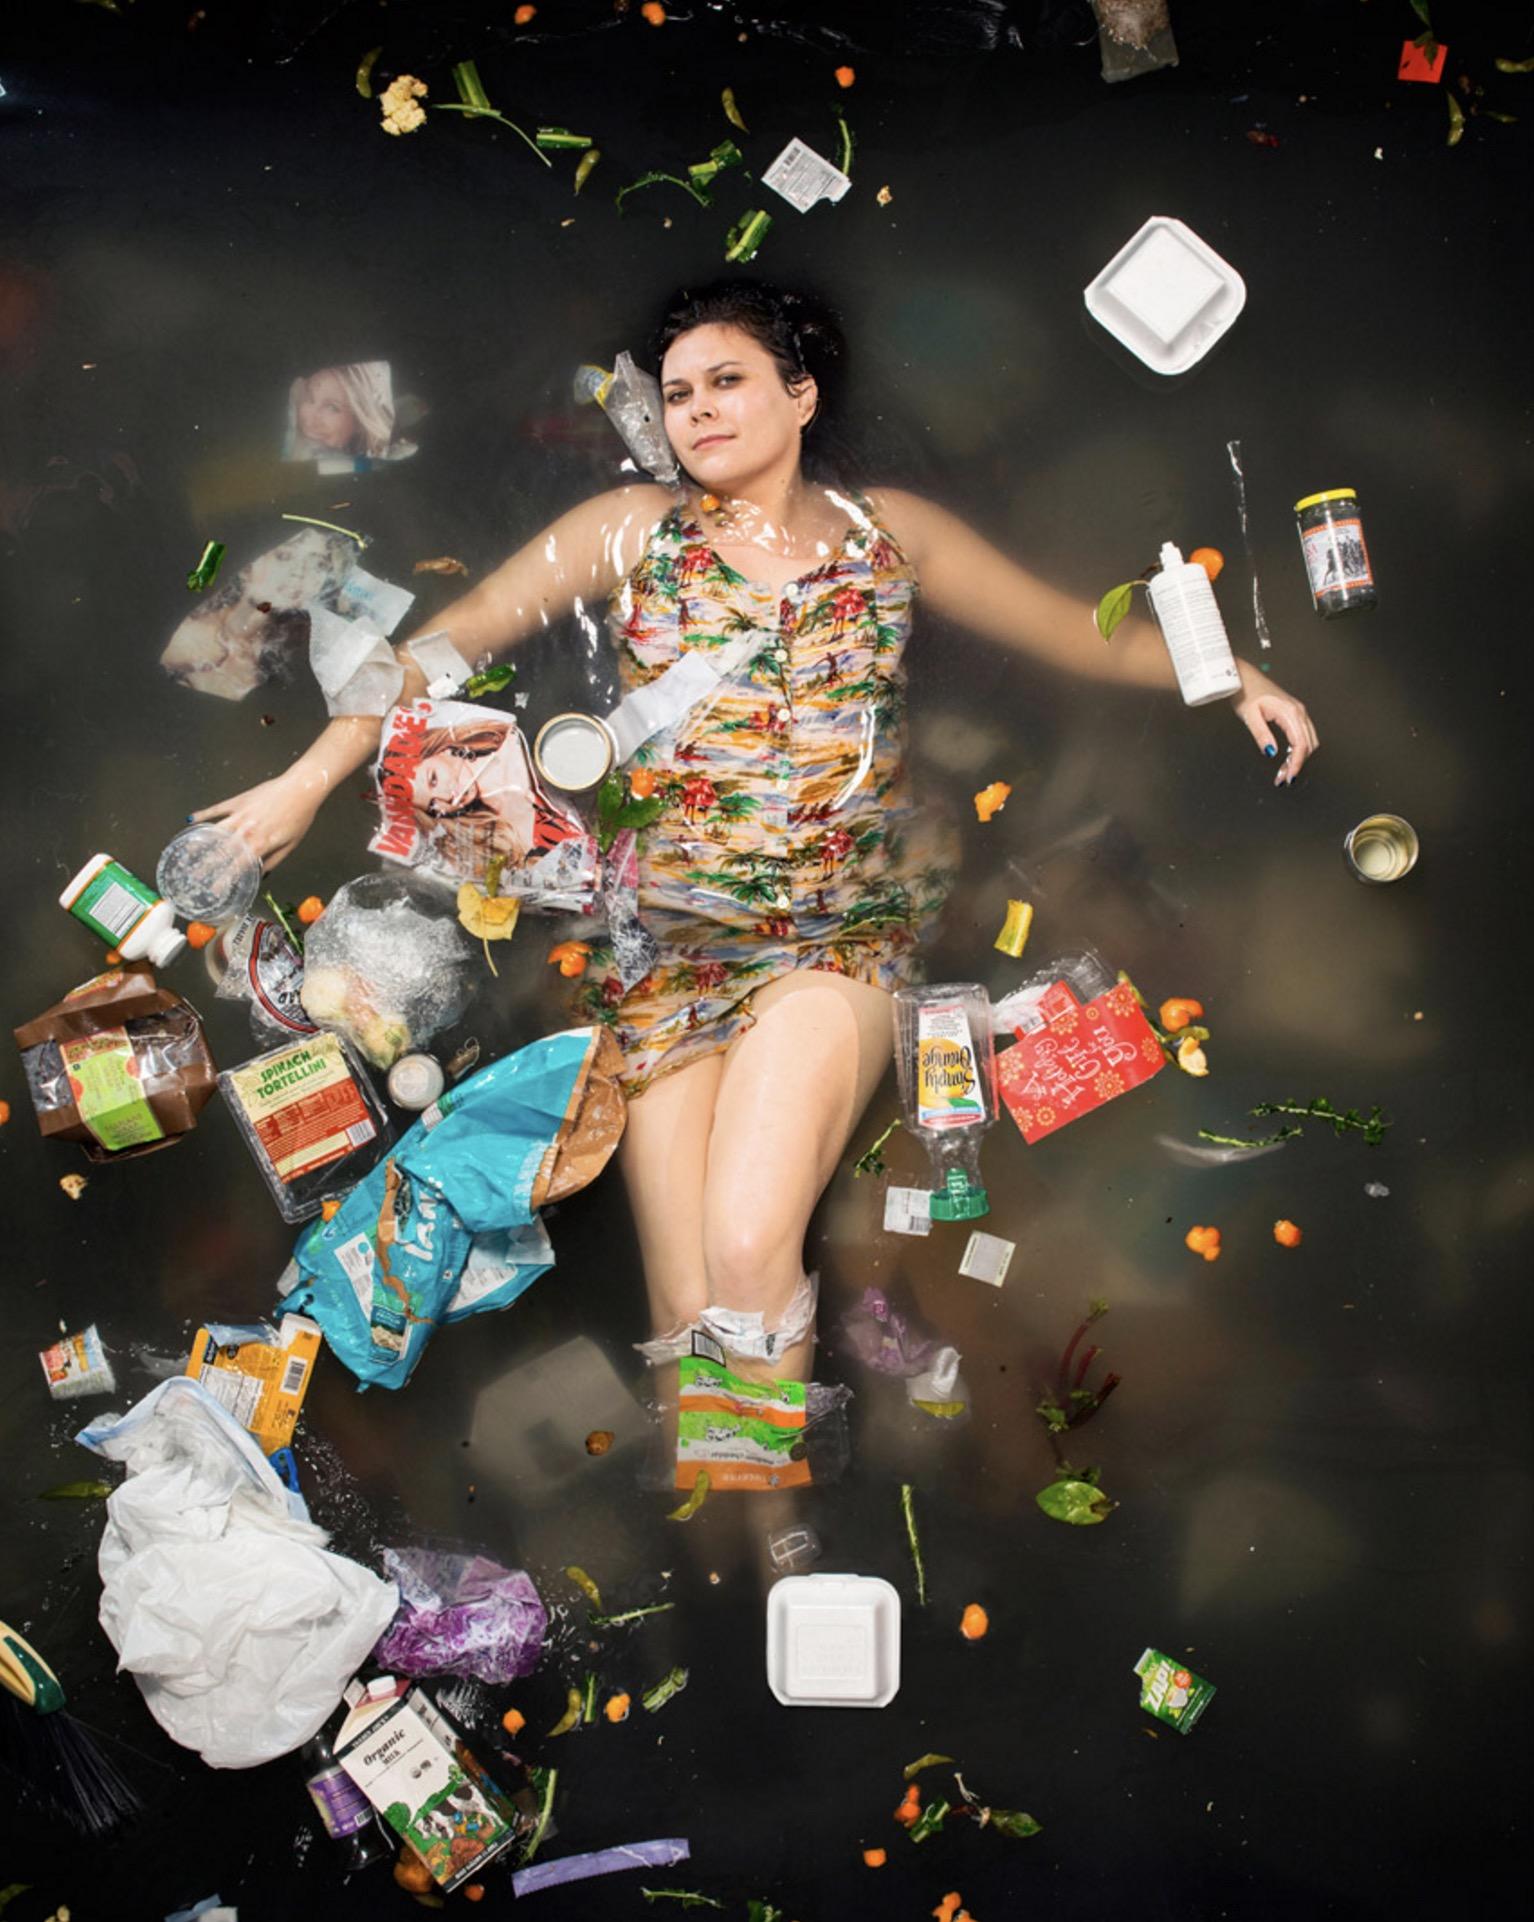 7 Days Of Garbage_Gregg Segal_organiconcrete_15